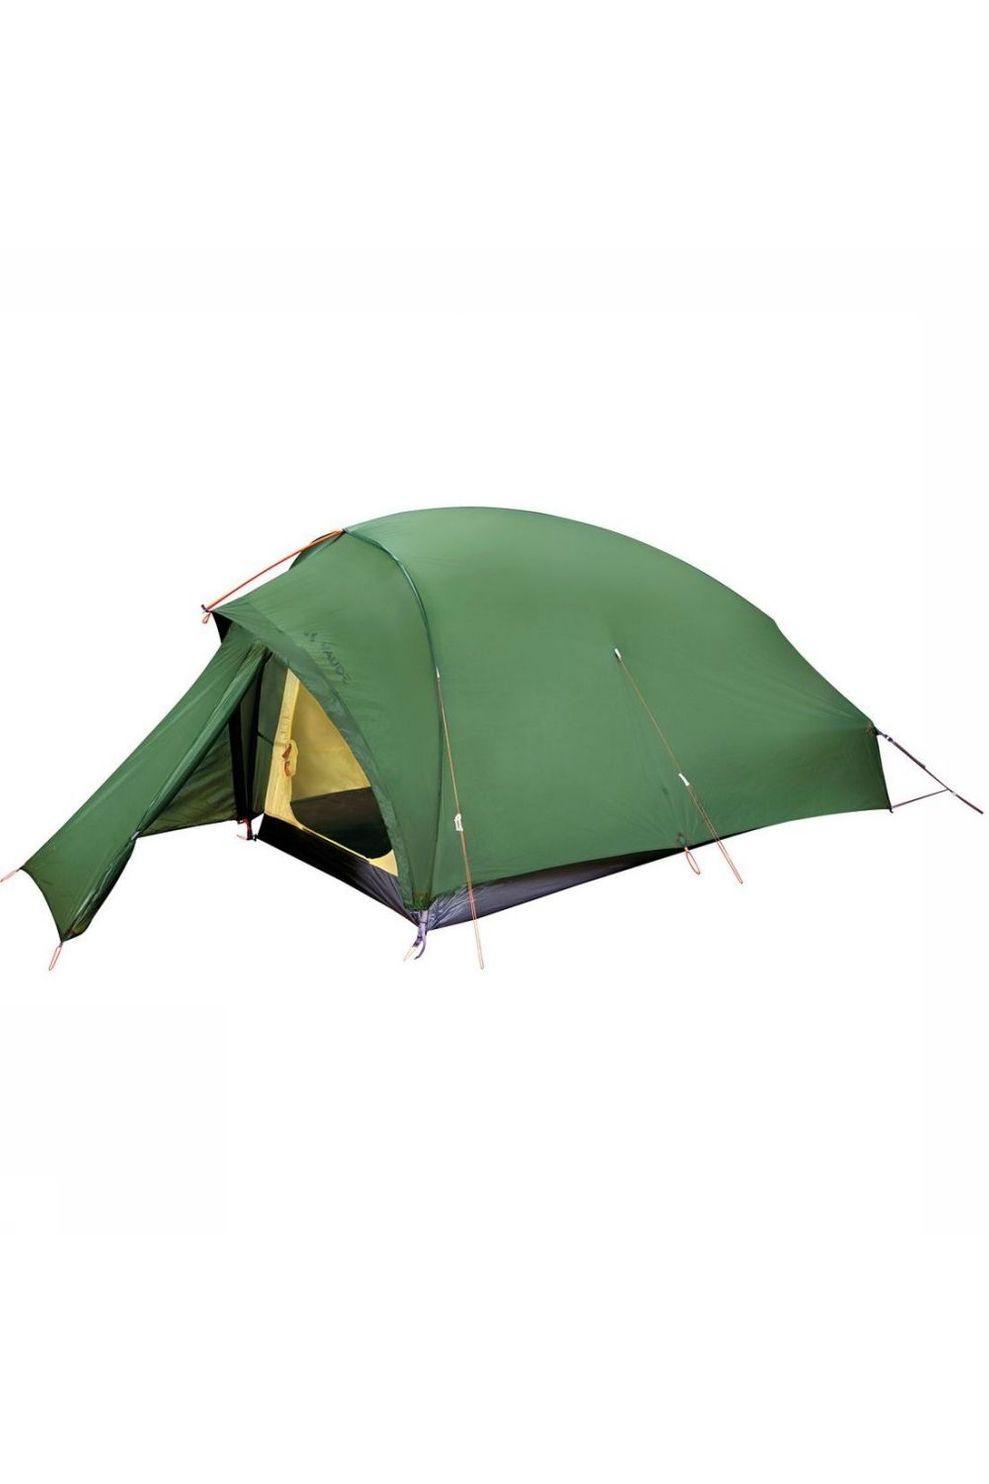 Vaude Tent Taurus Ul 2p Groen